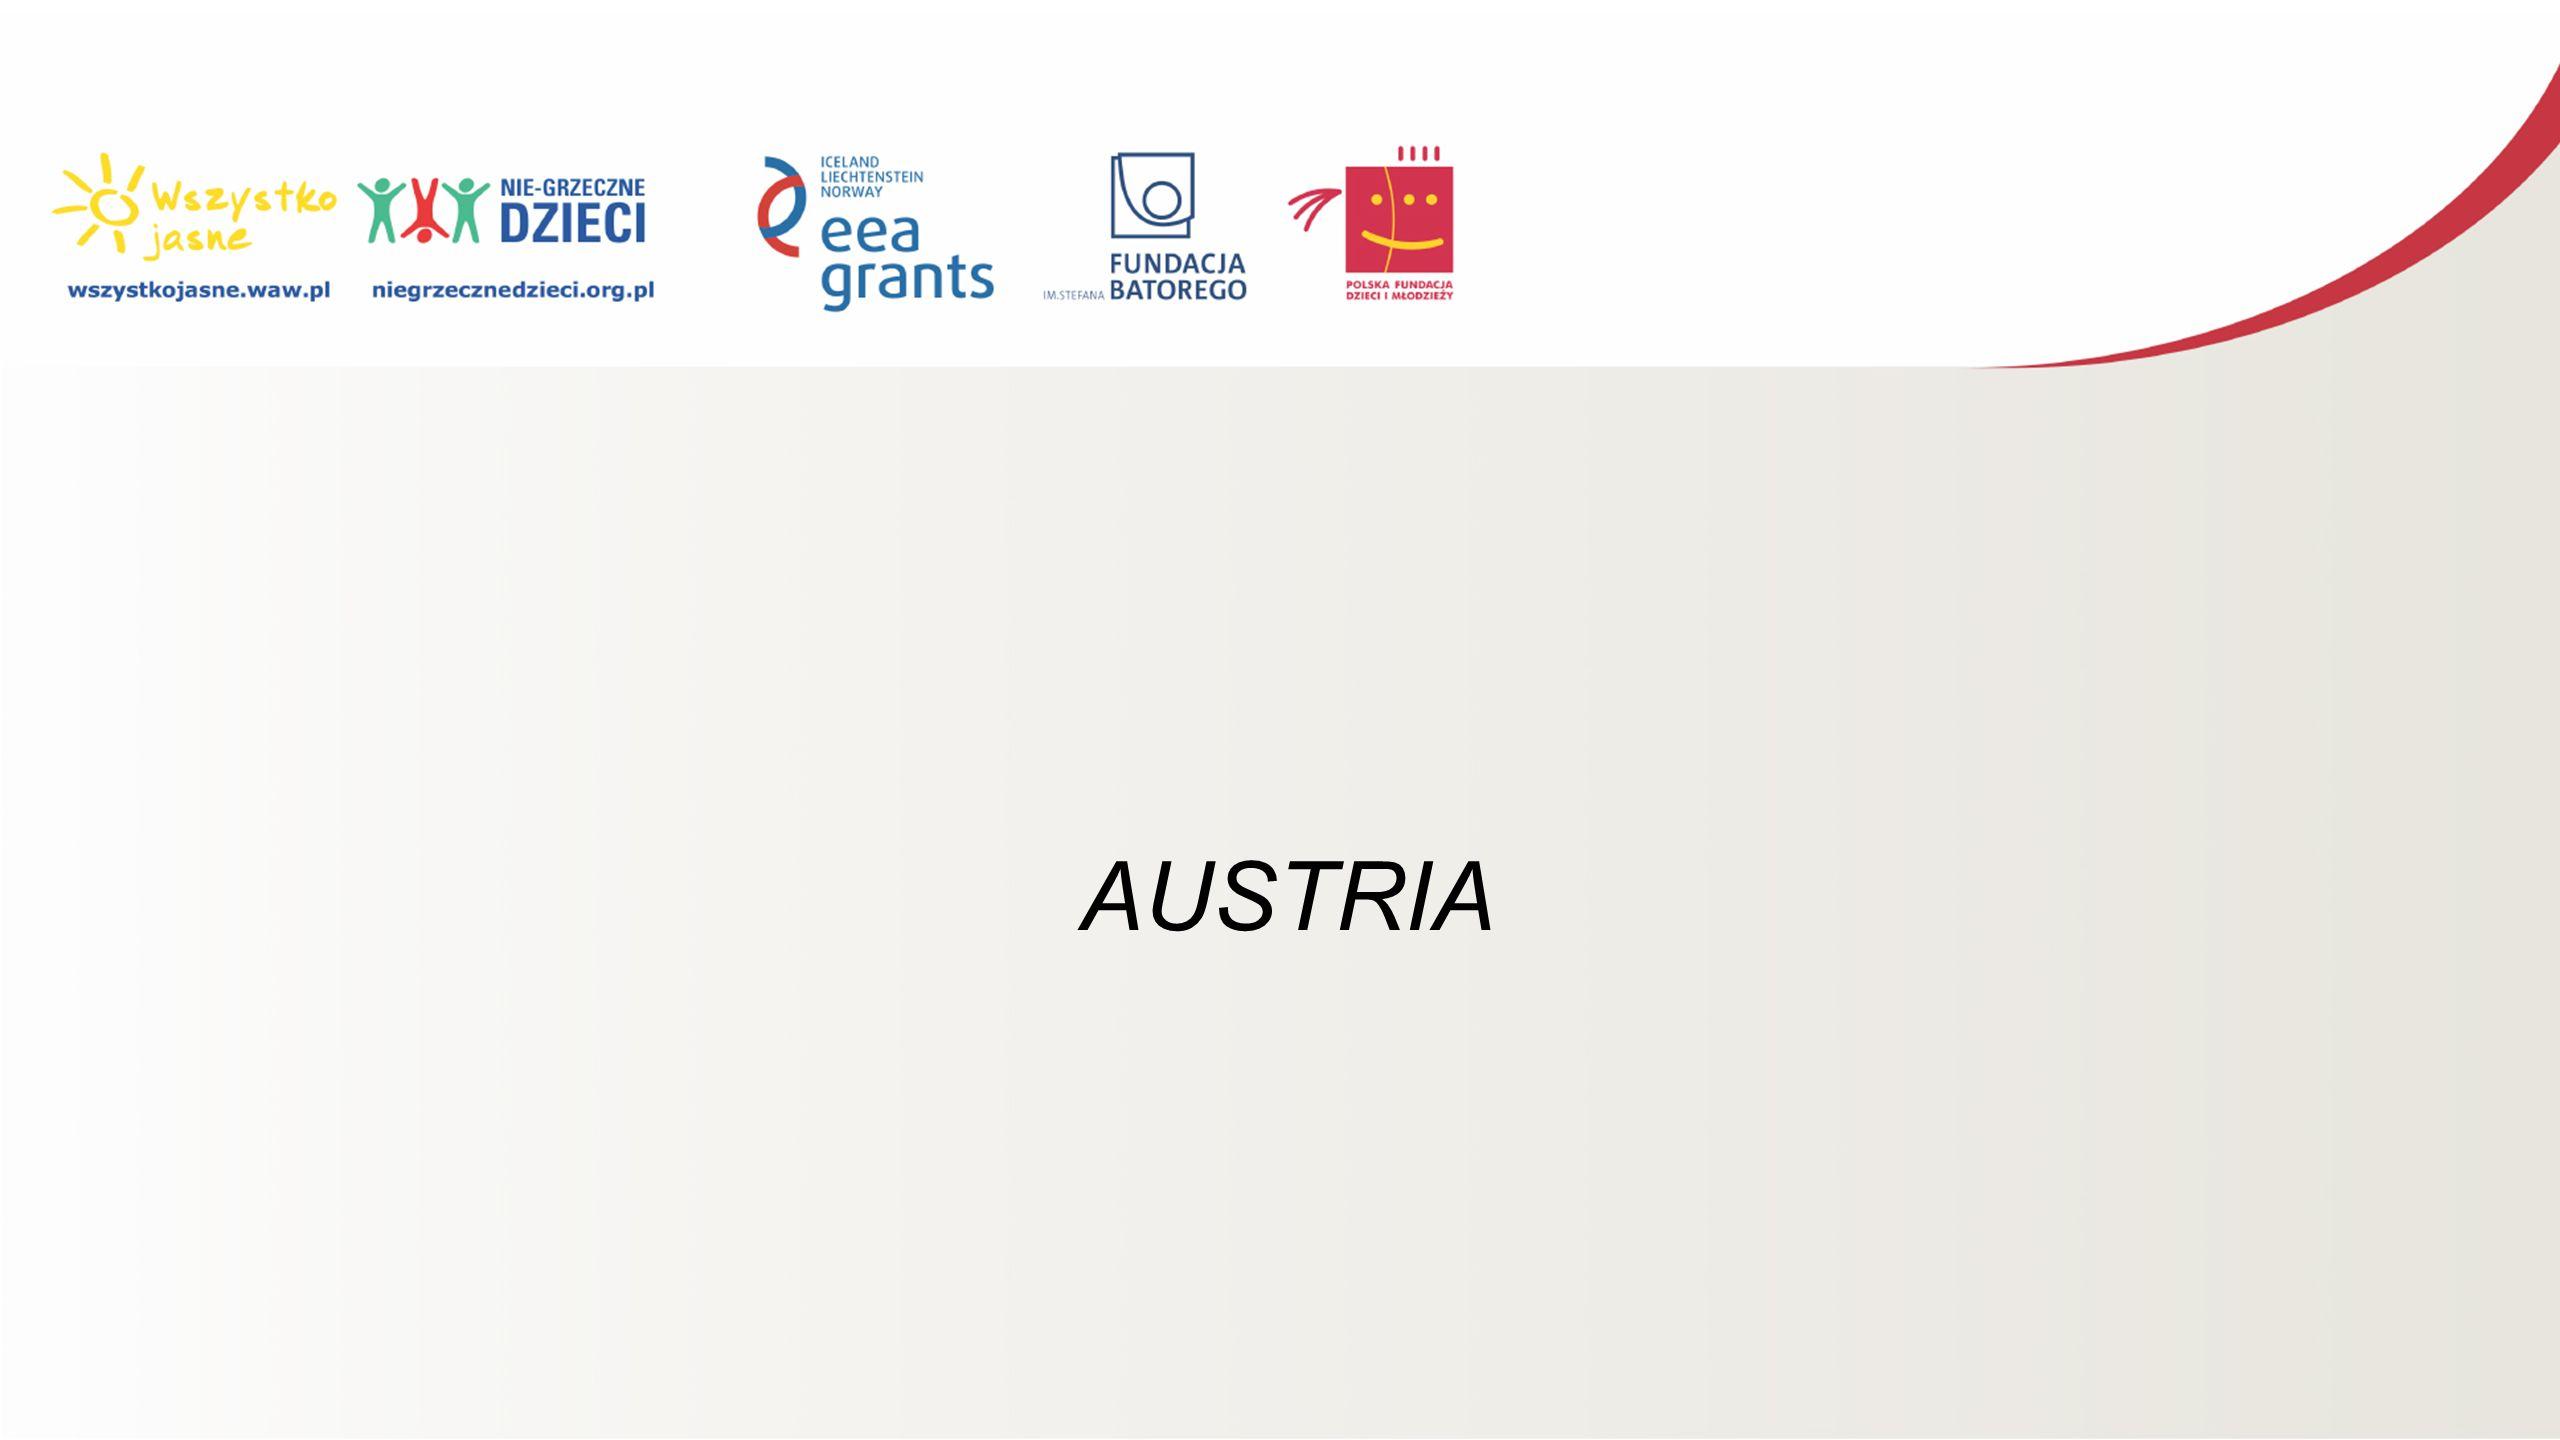 Diagnoza wykonywana jest w ścisłym kontakcie z rodzicami - szkoła lub przedszkole od razu informuje rodziców o podejrzeniu W Austrii są dwa nurty orzekania: socjalne (niepełnosprawności w %) i orzekanie dla oświaty przez Kuratoria Kuratorium zleca diagnozę do Centrum Pedagogiki Specjalnej (CSP) – Centra opisują potrzeby wspomagania ucznia przez różnych specjalistów pedagogiki specjalnej oraz metody i formy edukacji a decydujące jest wydanie decyzji przez pedagoga specjalnego.